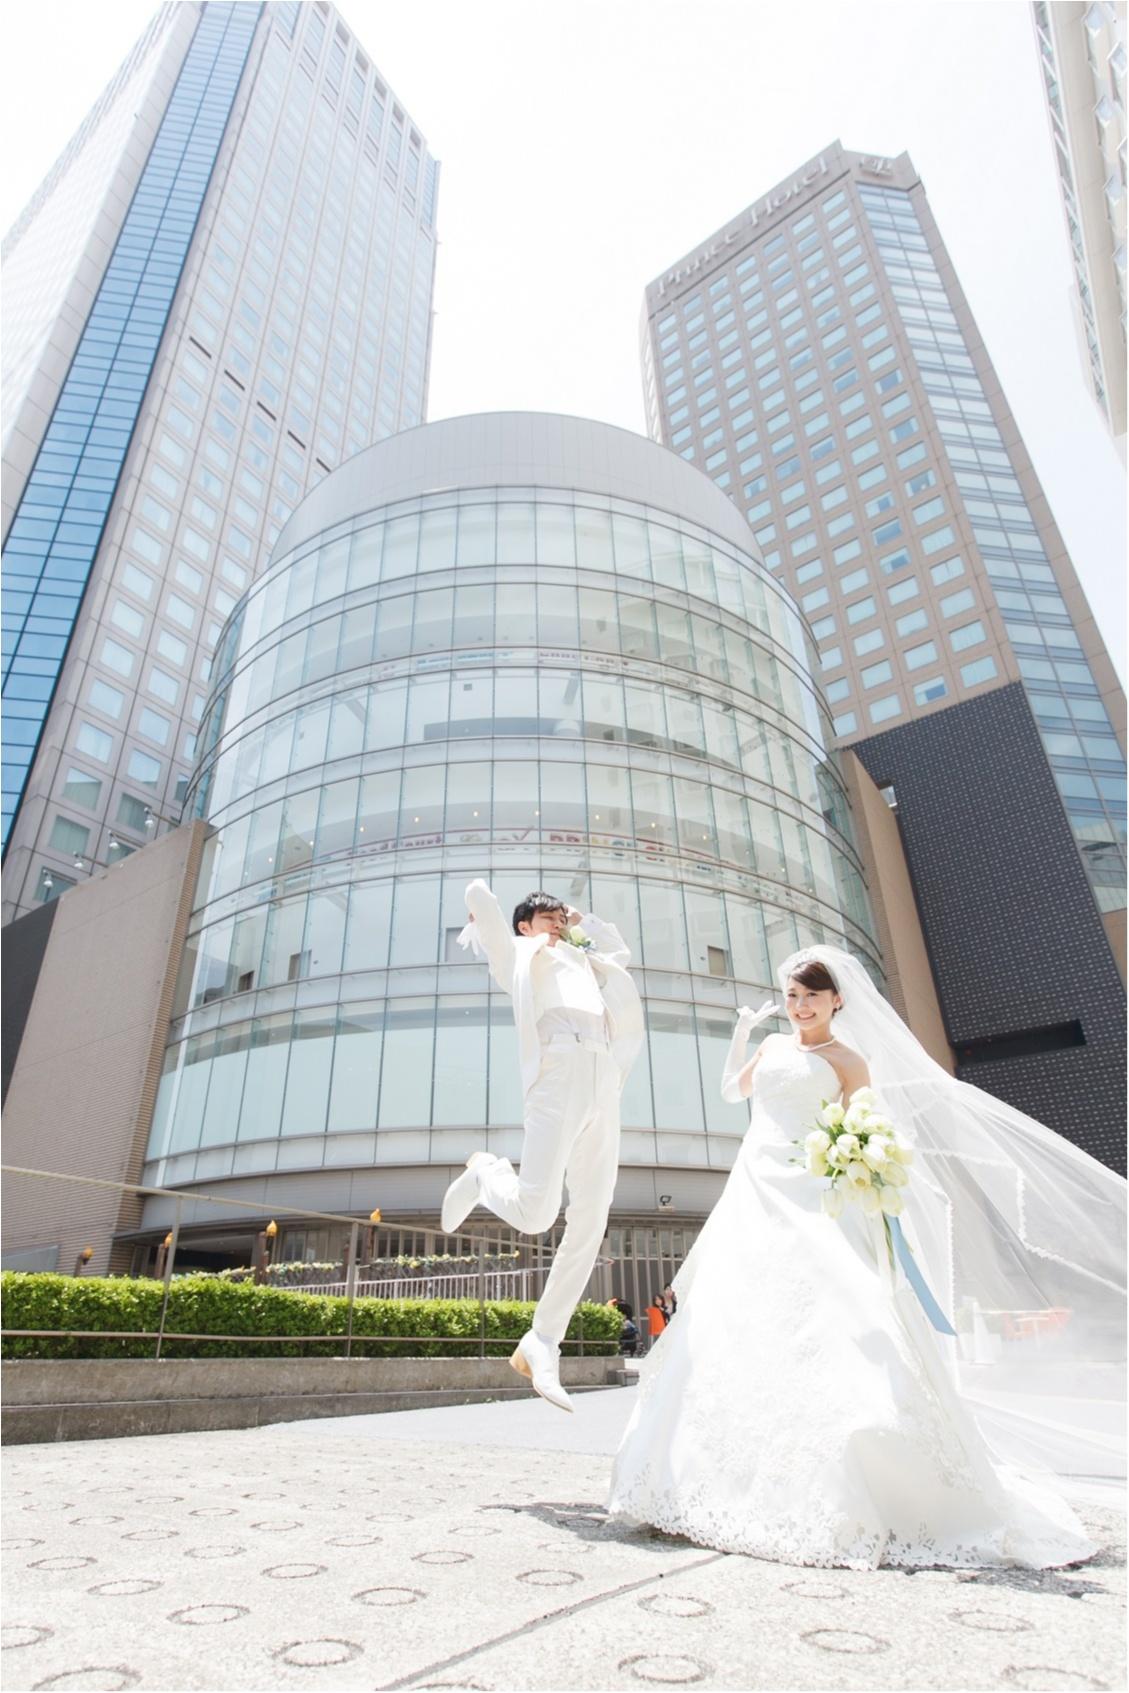 【1】ーレポ開始ー品川プリンスホテルで結婚式をあげました#さち婚_5